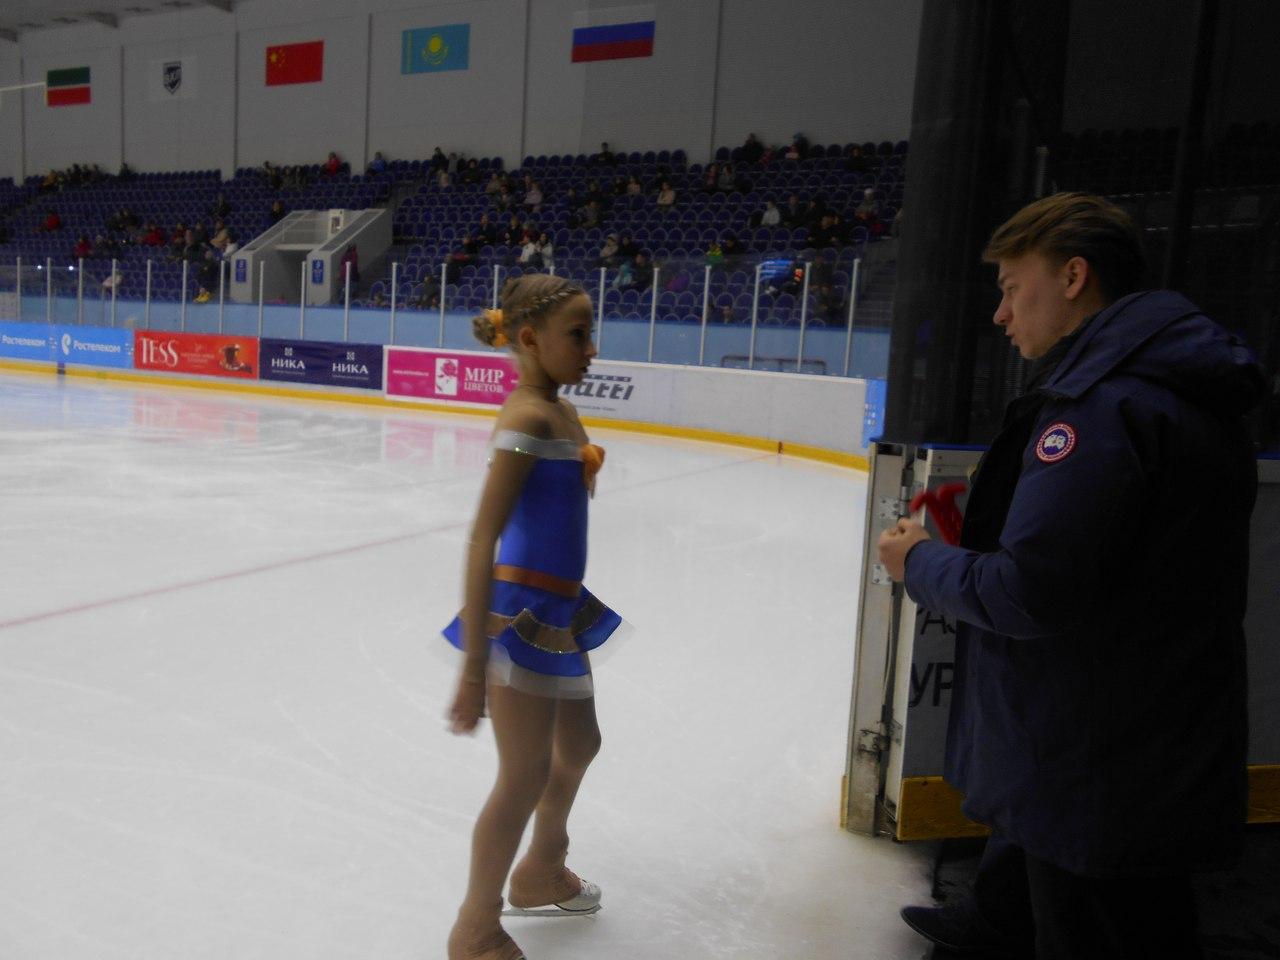 Группа Мишина - СДЮСШОР «Звёздный лёд» (Санкт-Петербург) - Страница 29 ObffcB5Fj0Q